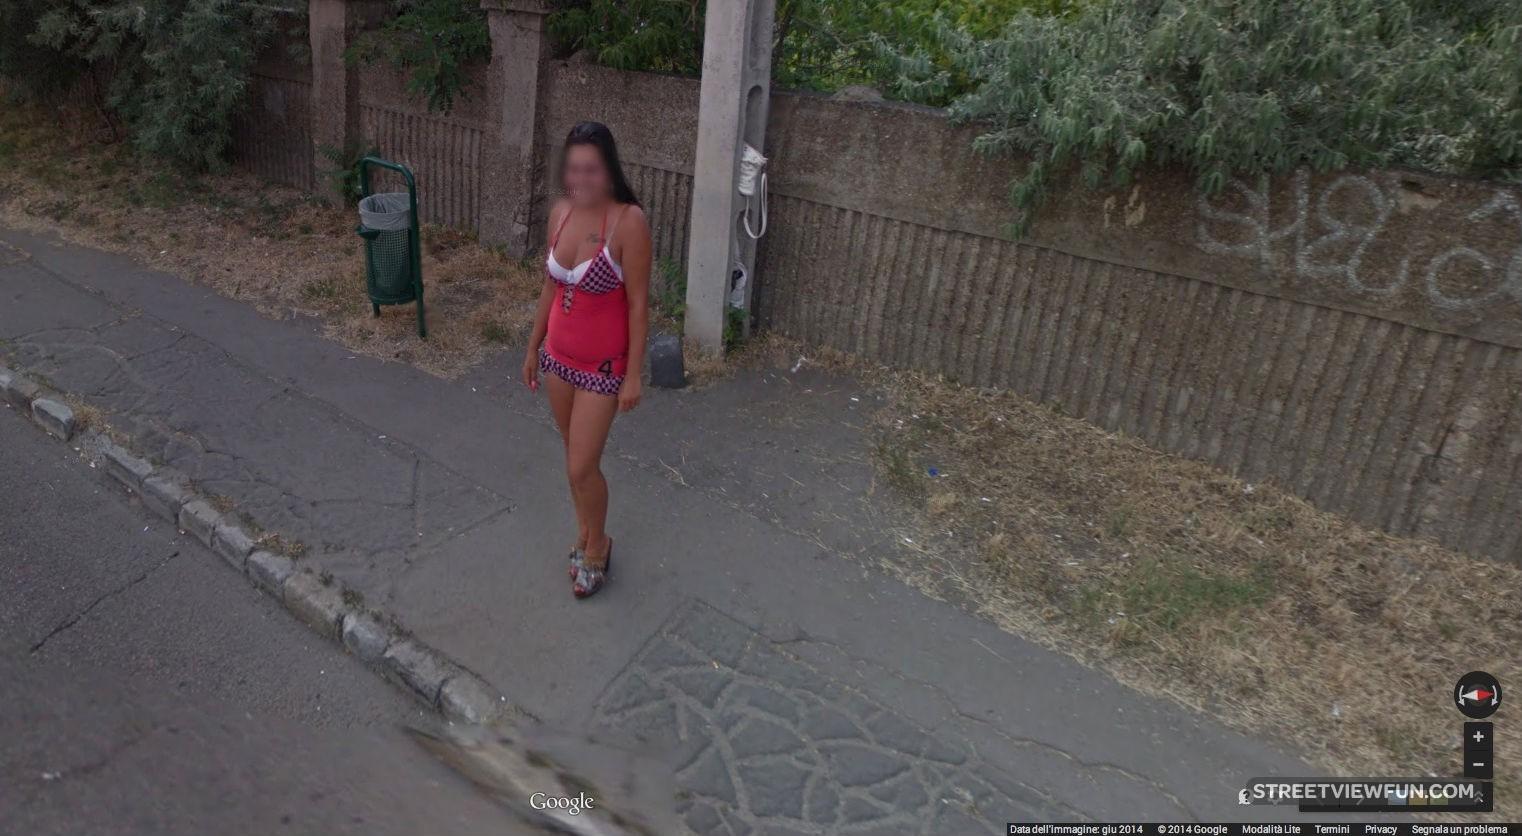 Fotó: Google Street View <br />Magyarország, Budapest, Szabadkai út